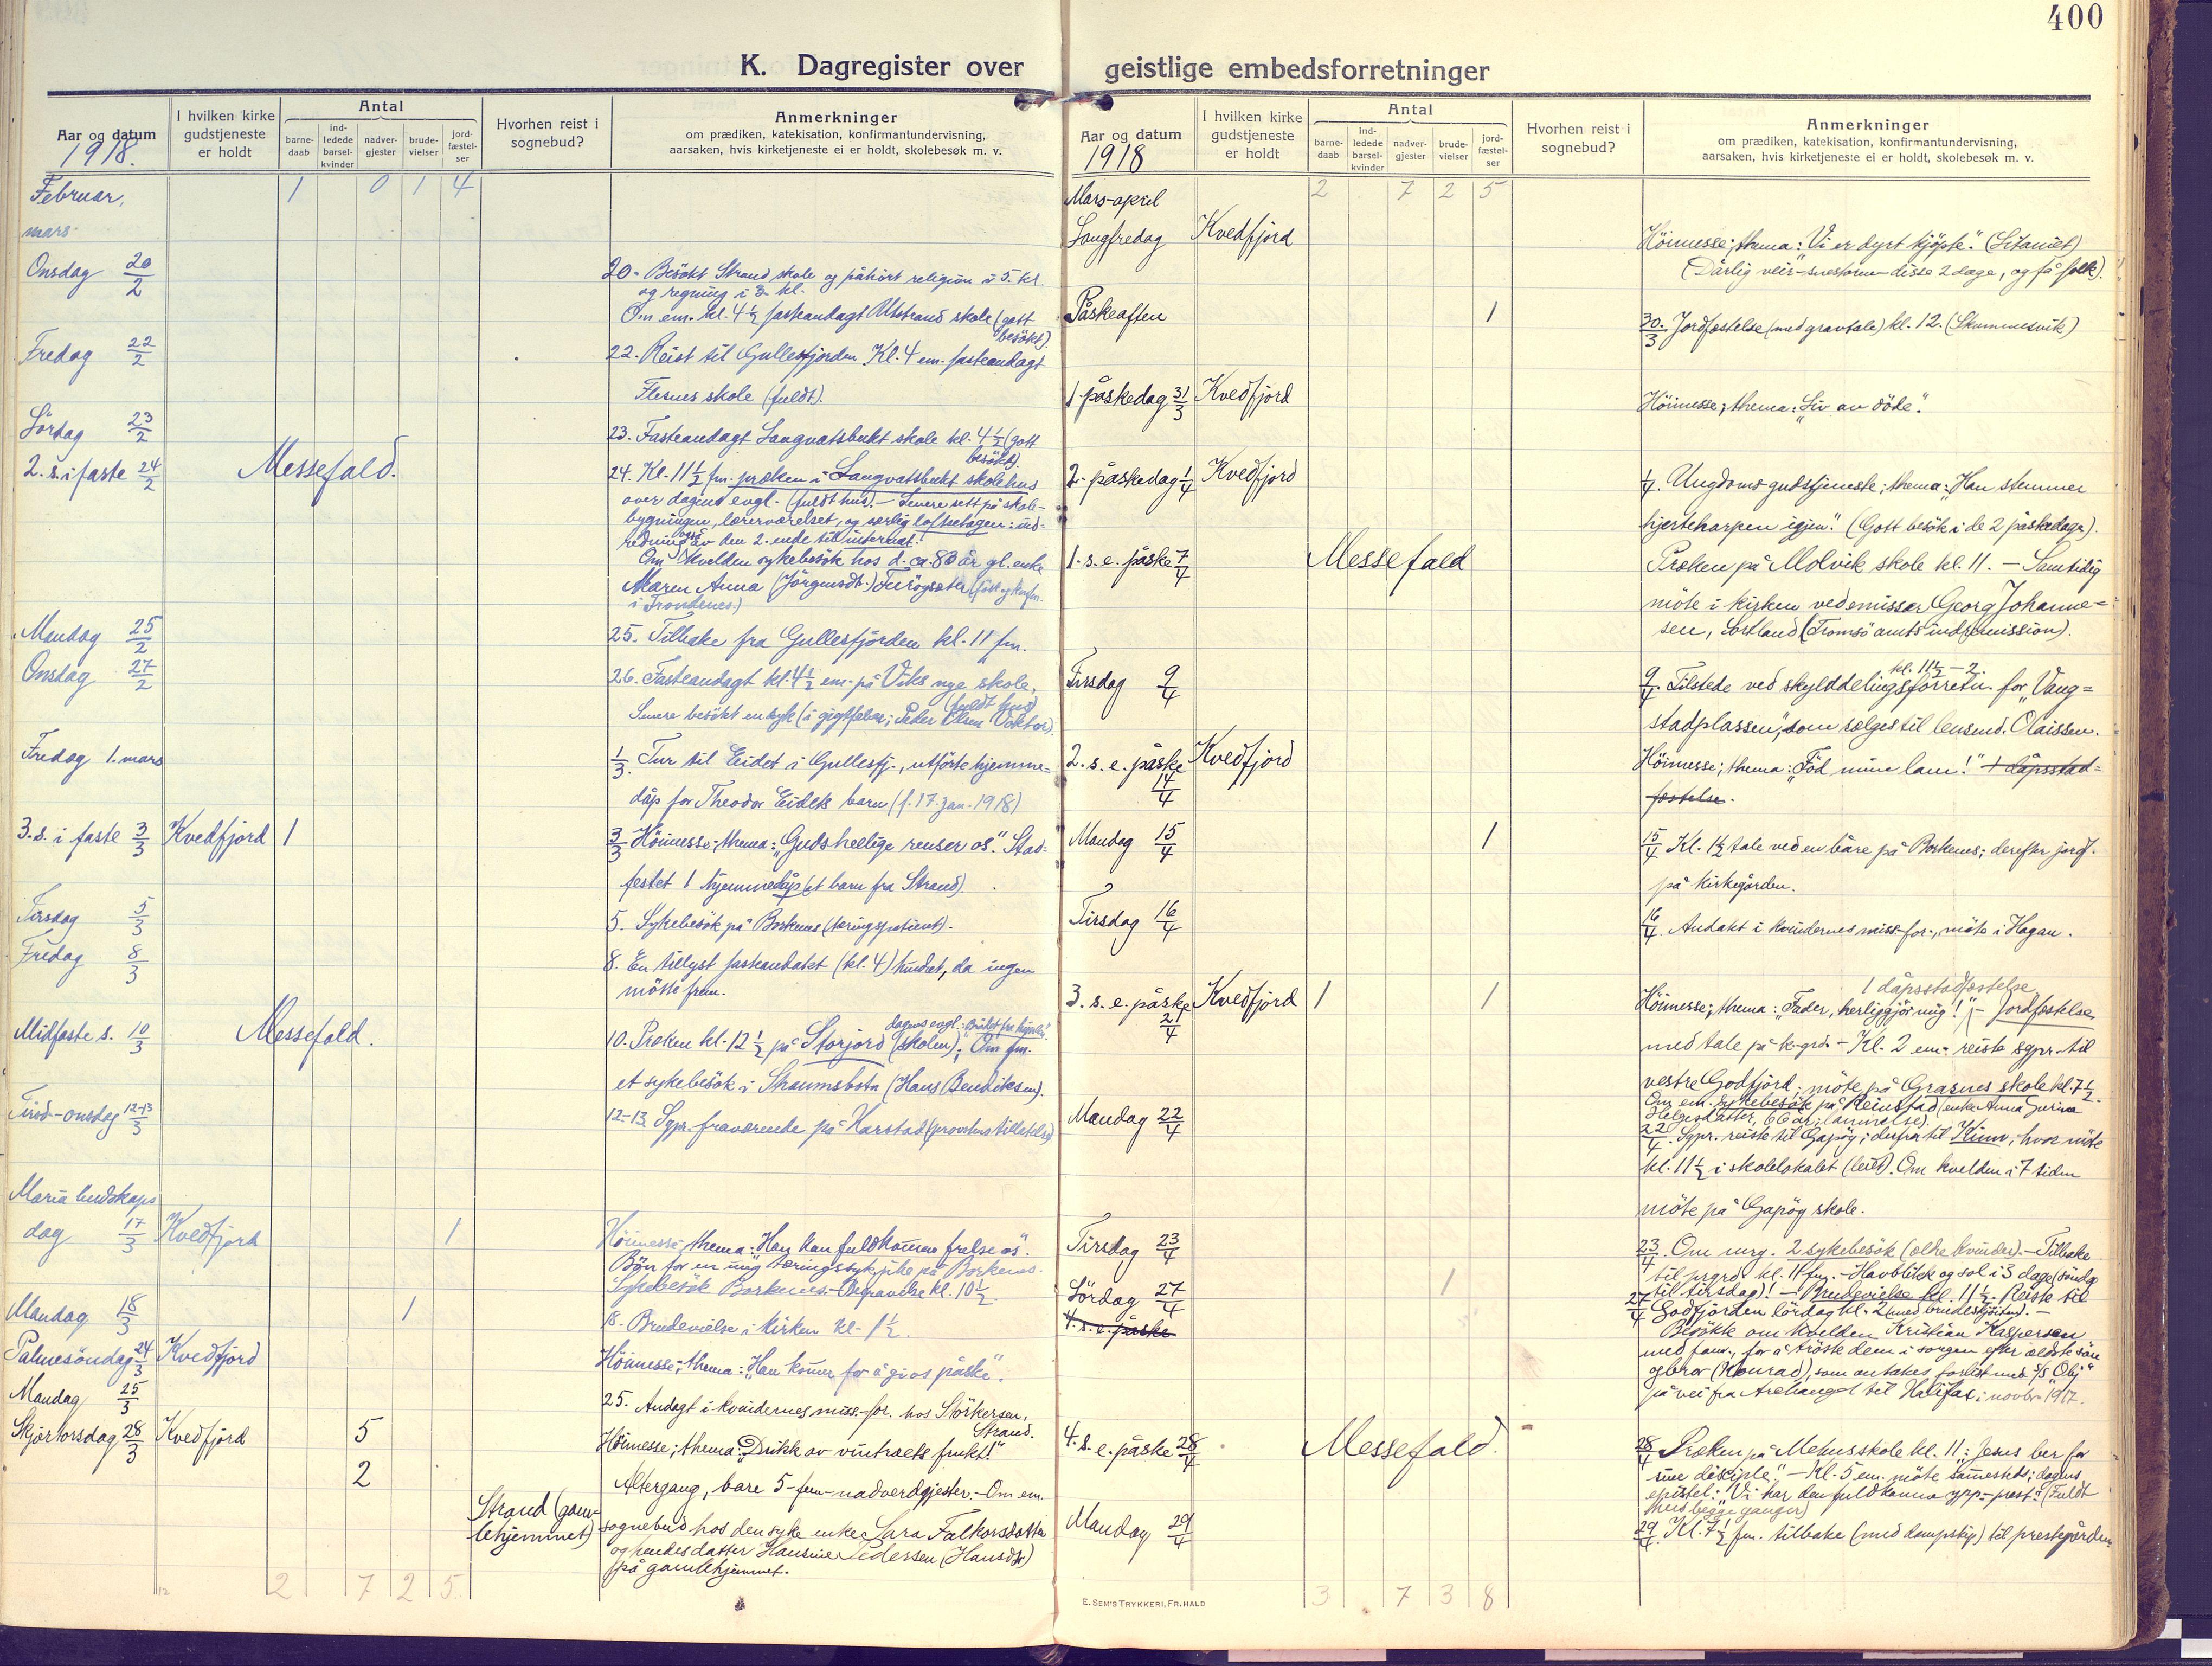 SATØ, Kvæfjord sokneprestkontor, G/Ga/Gaa/L0007kirke: Ministerialbok nr. 7, 1915-1931, s. 400